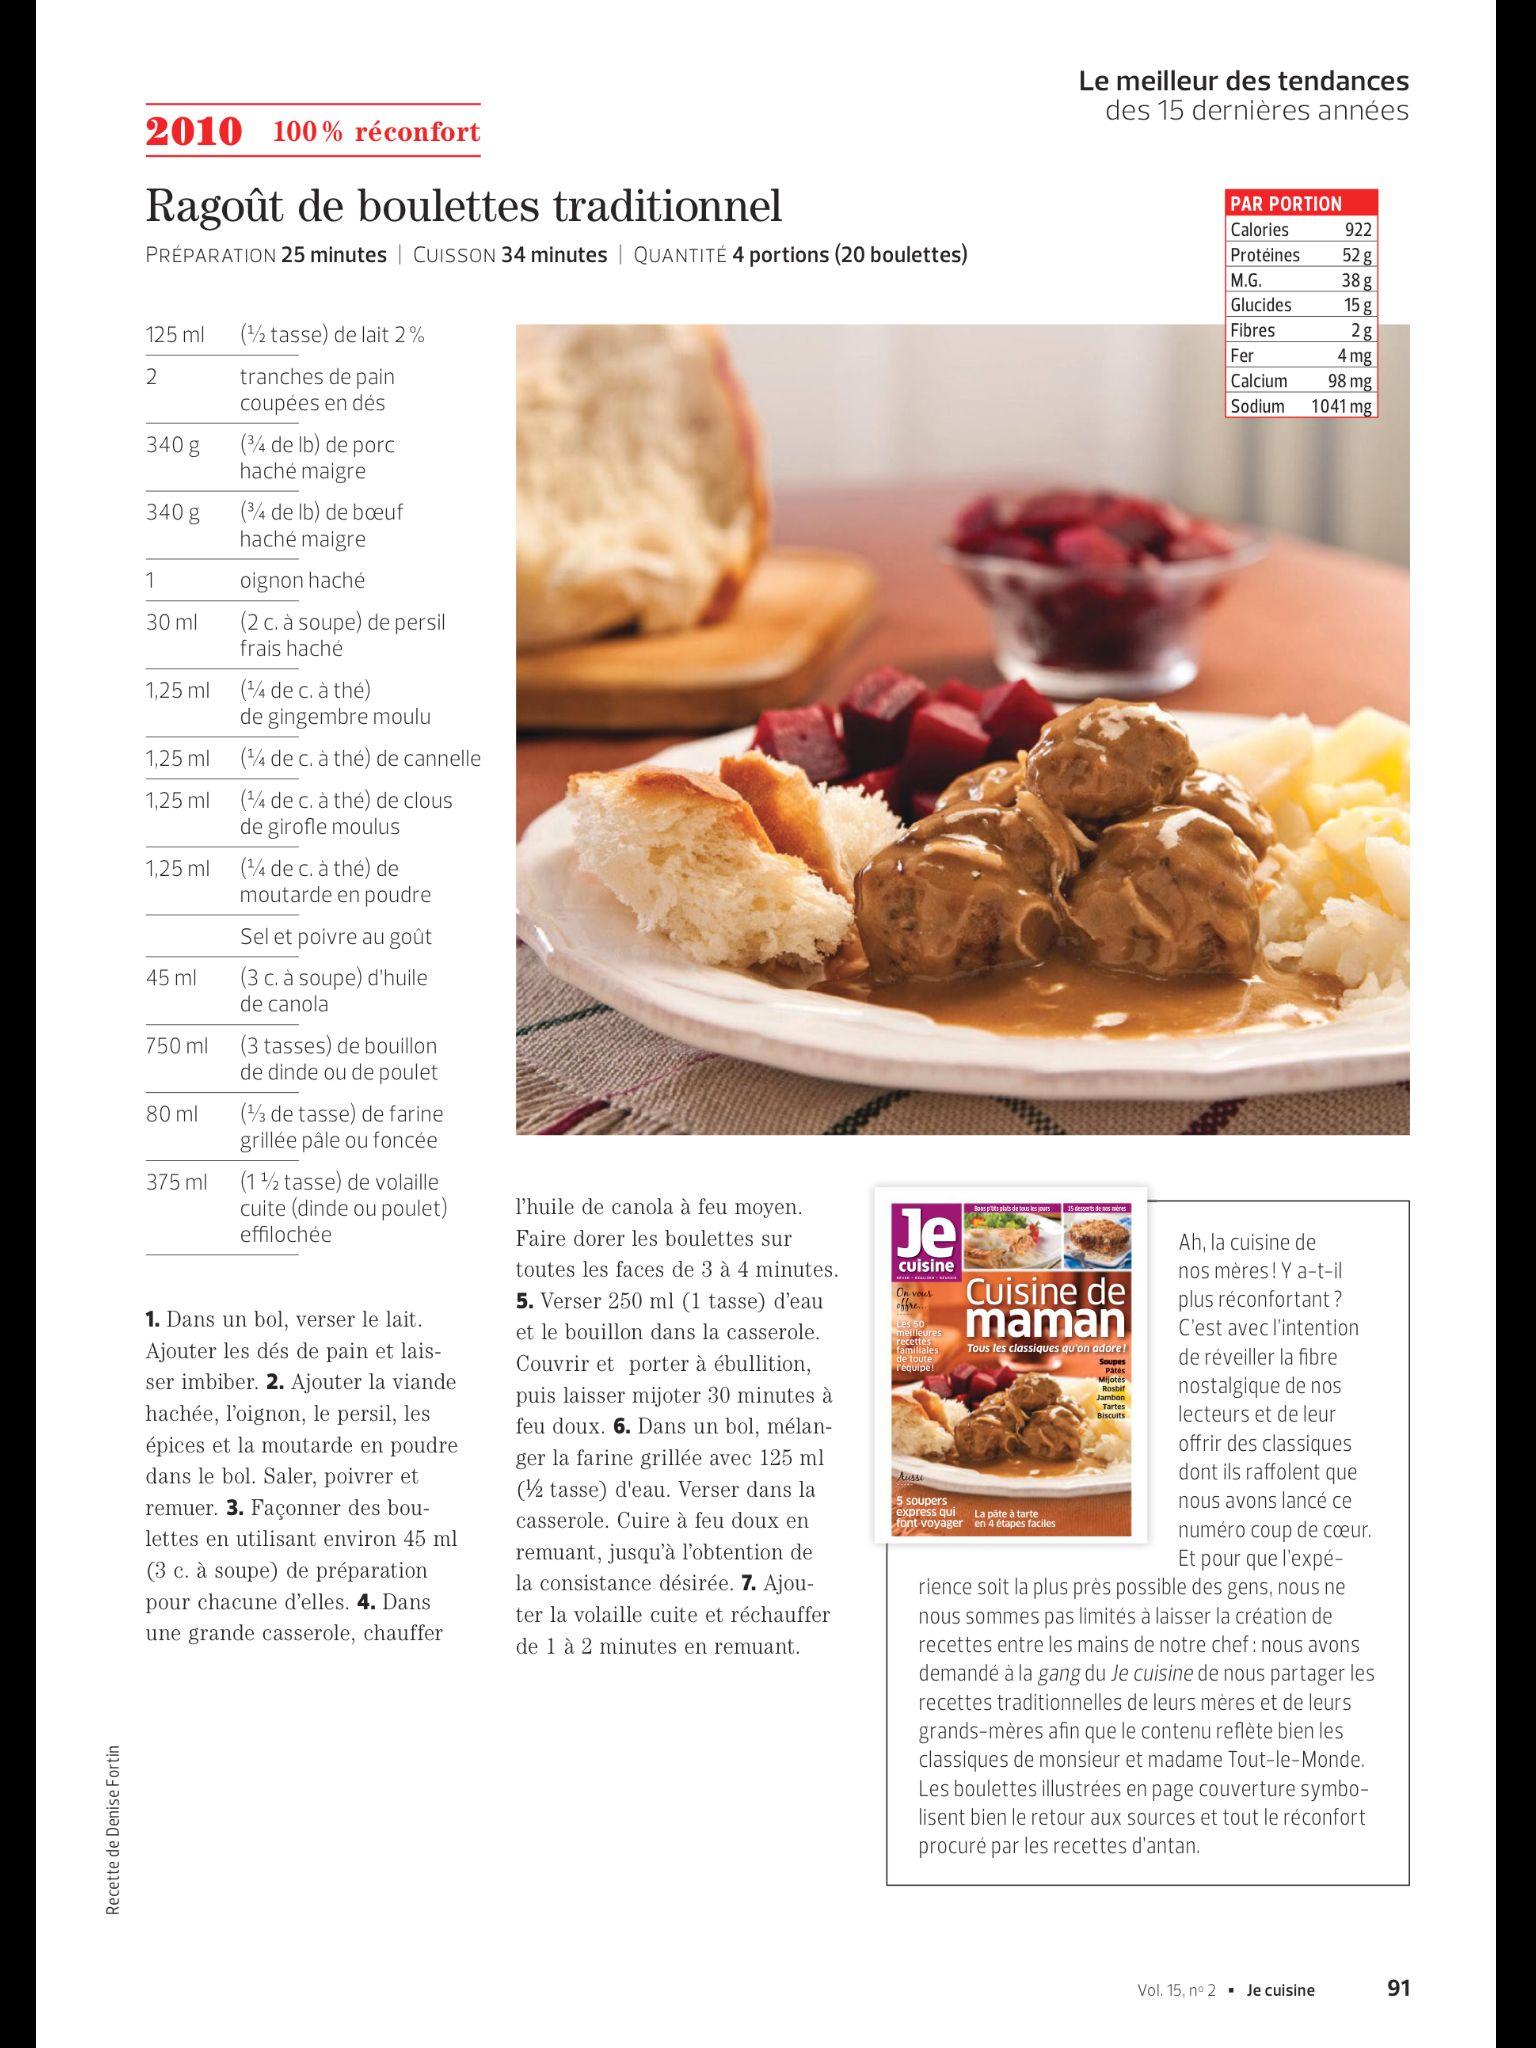 Le Meilleur Des Tendances Des 15 Dernieres Annees From Je Cuisine